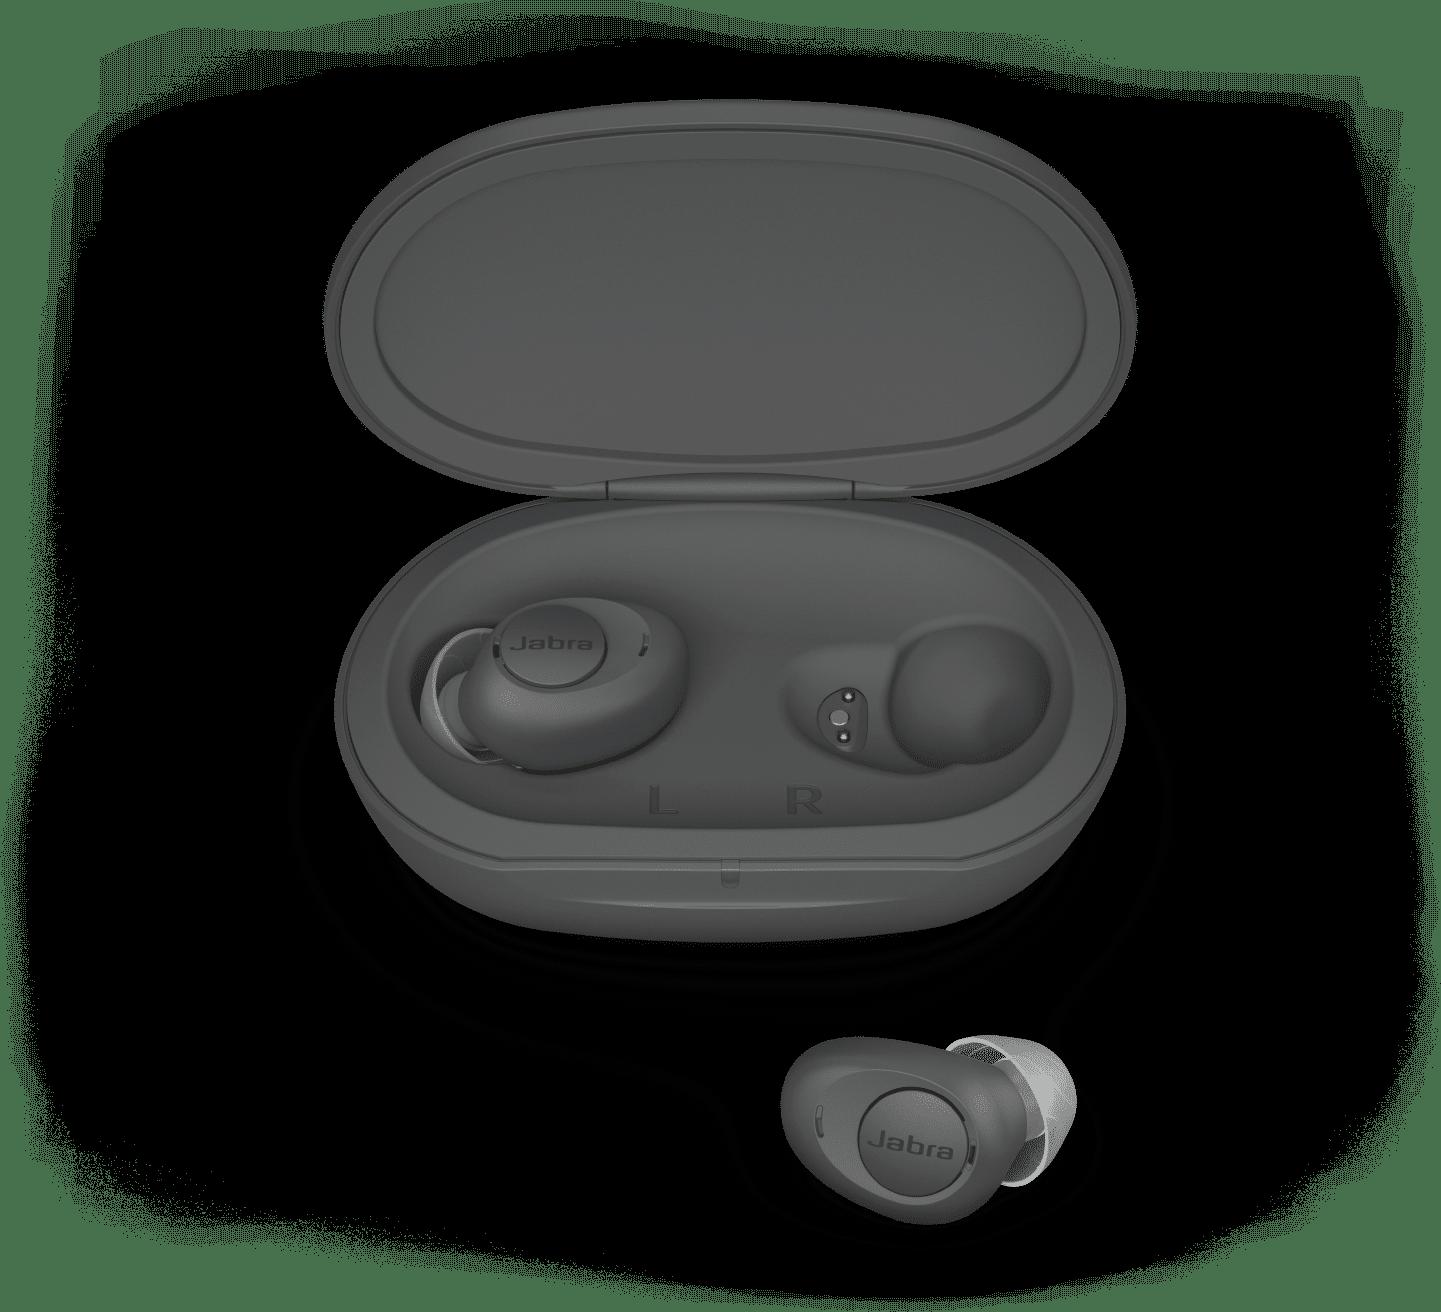 Fones de ouvido Jabra Enhance Plus